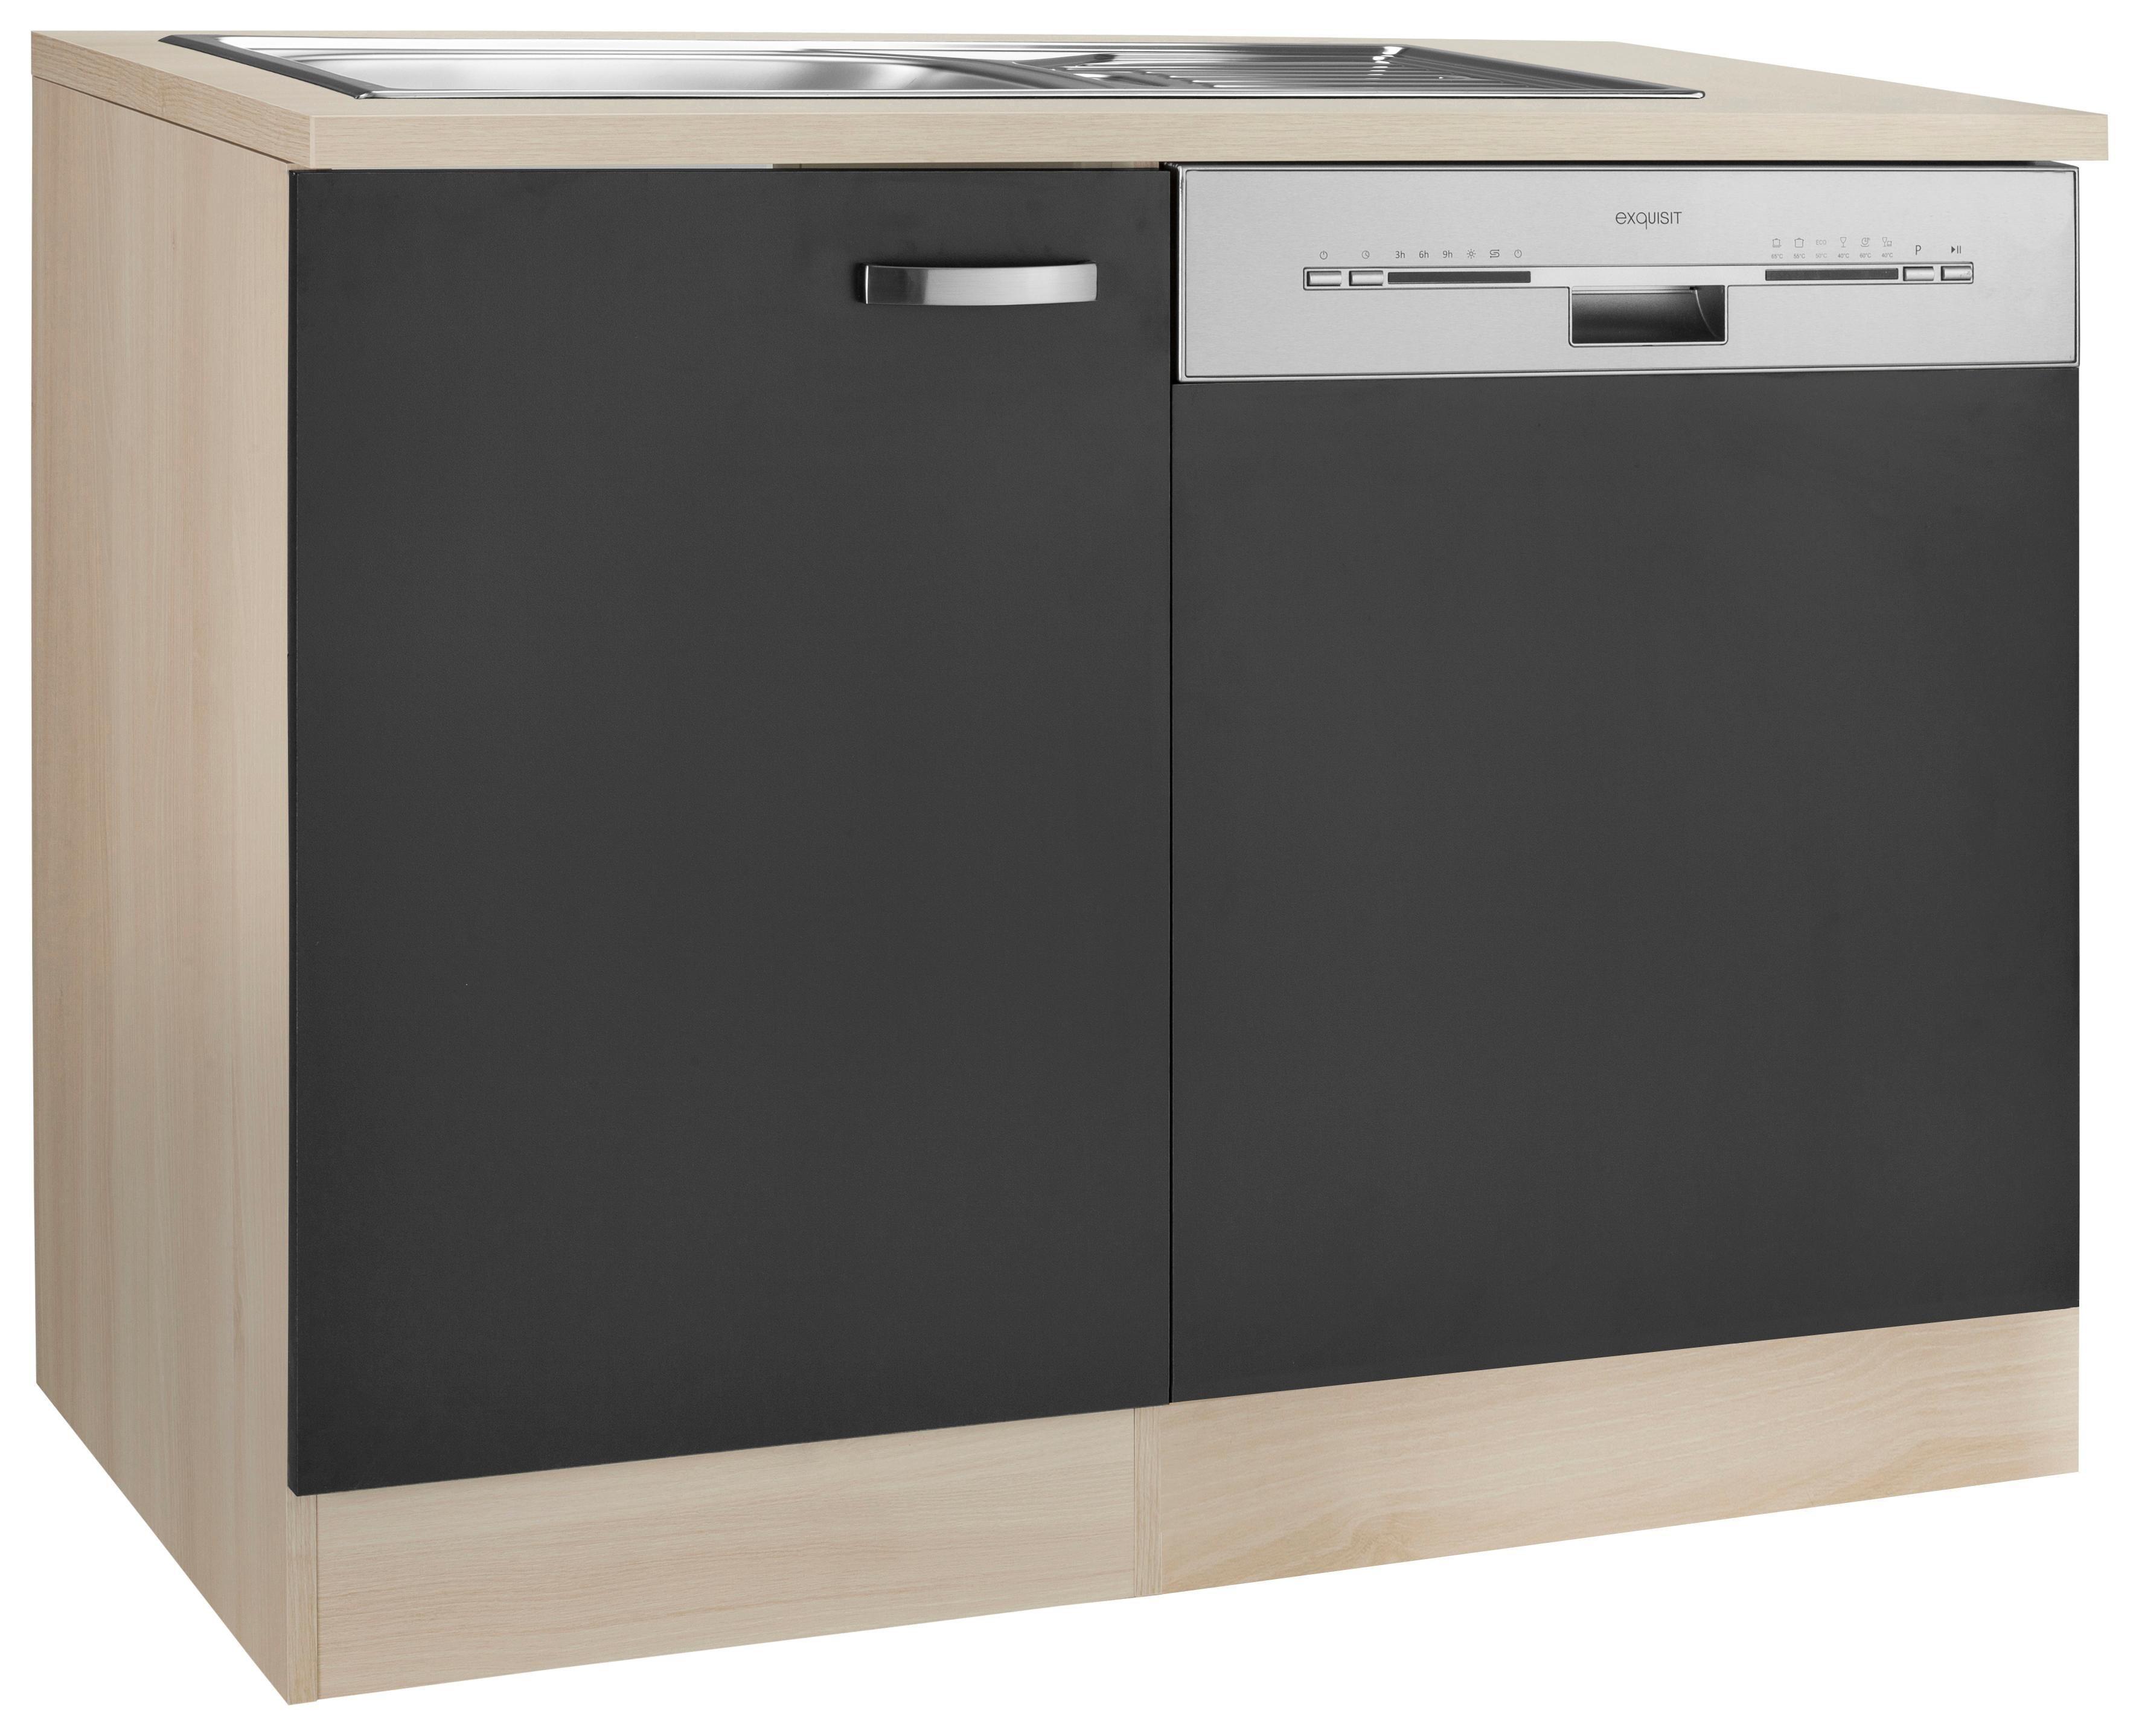 Spülenschrank »Faro«, OPTIFIT, mit Tür/Sockel für Geschirrspüler | Küche und Esszimmer > Küchenschränke > Spülenschränke | Weiss - Rot - Weiß | Edelstahl - Melamin | OPTIFIT